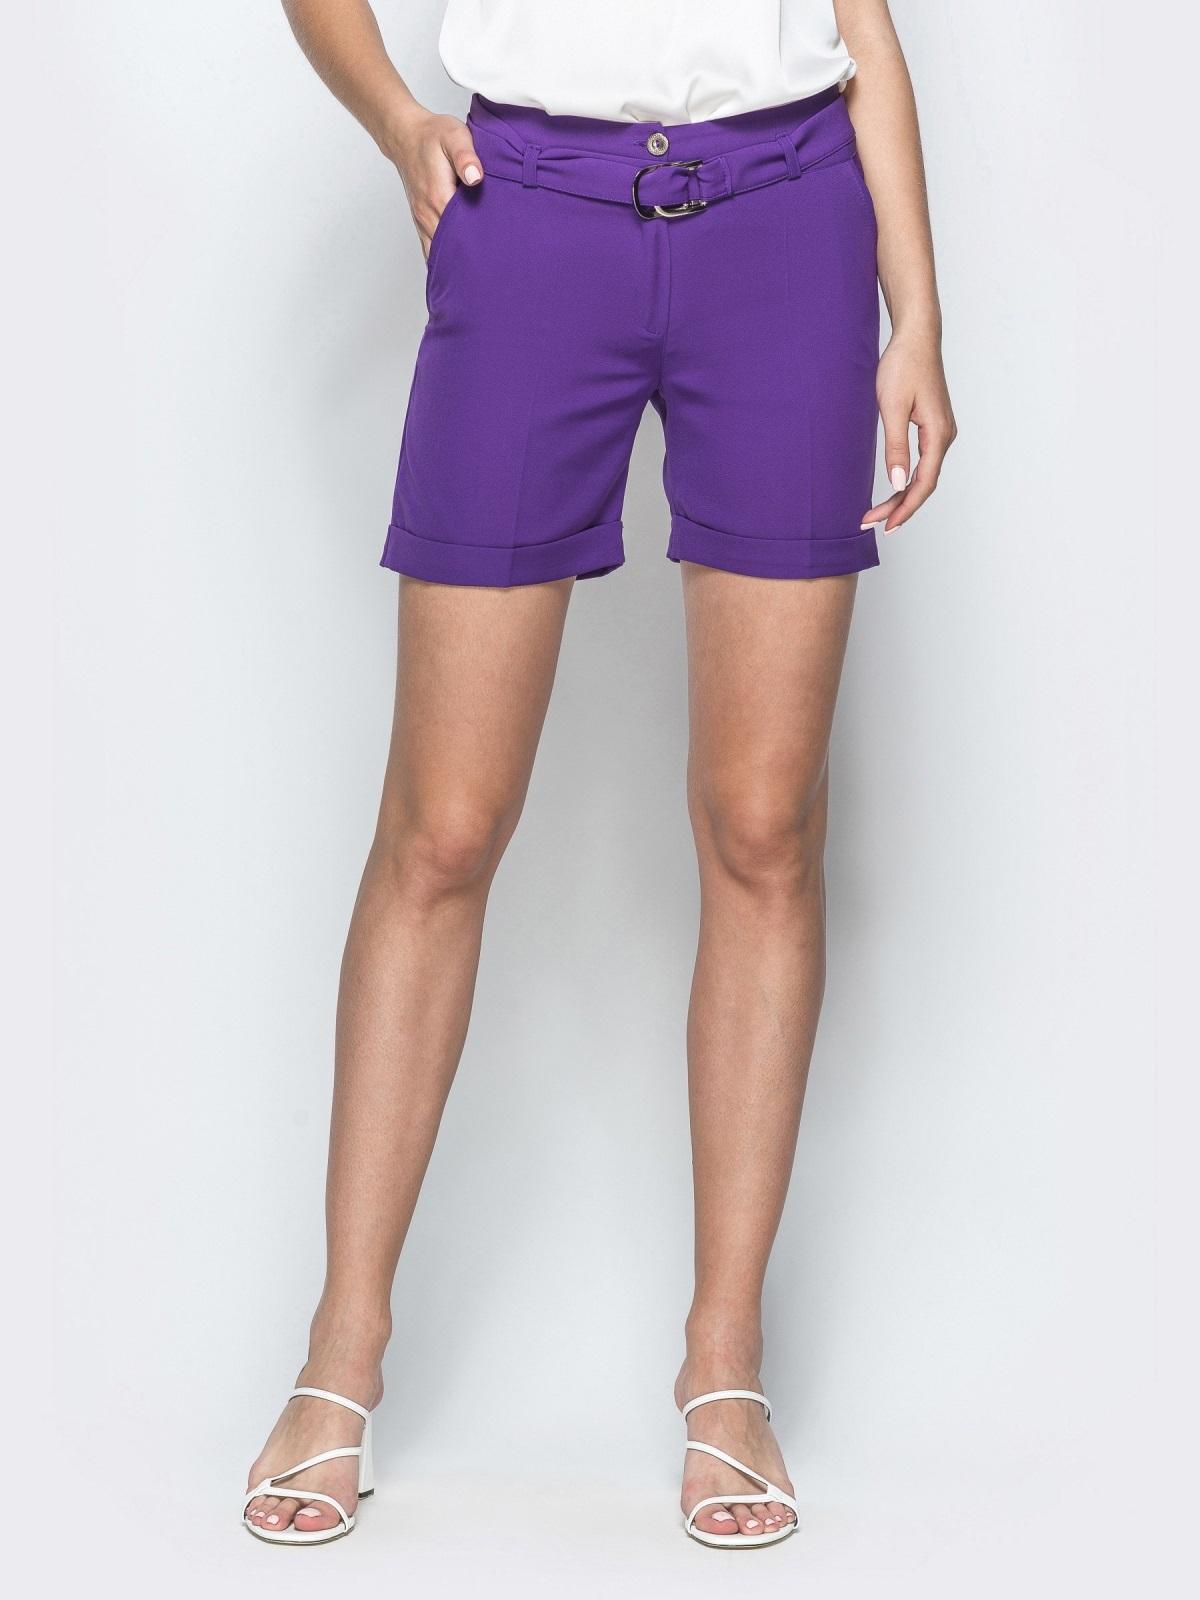 Фиолетовые шорты с карманами 39410, фото 1